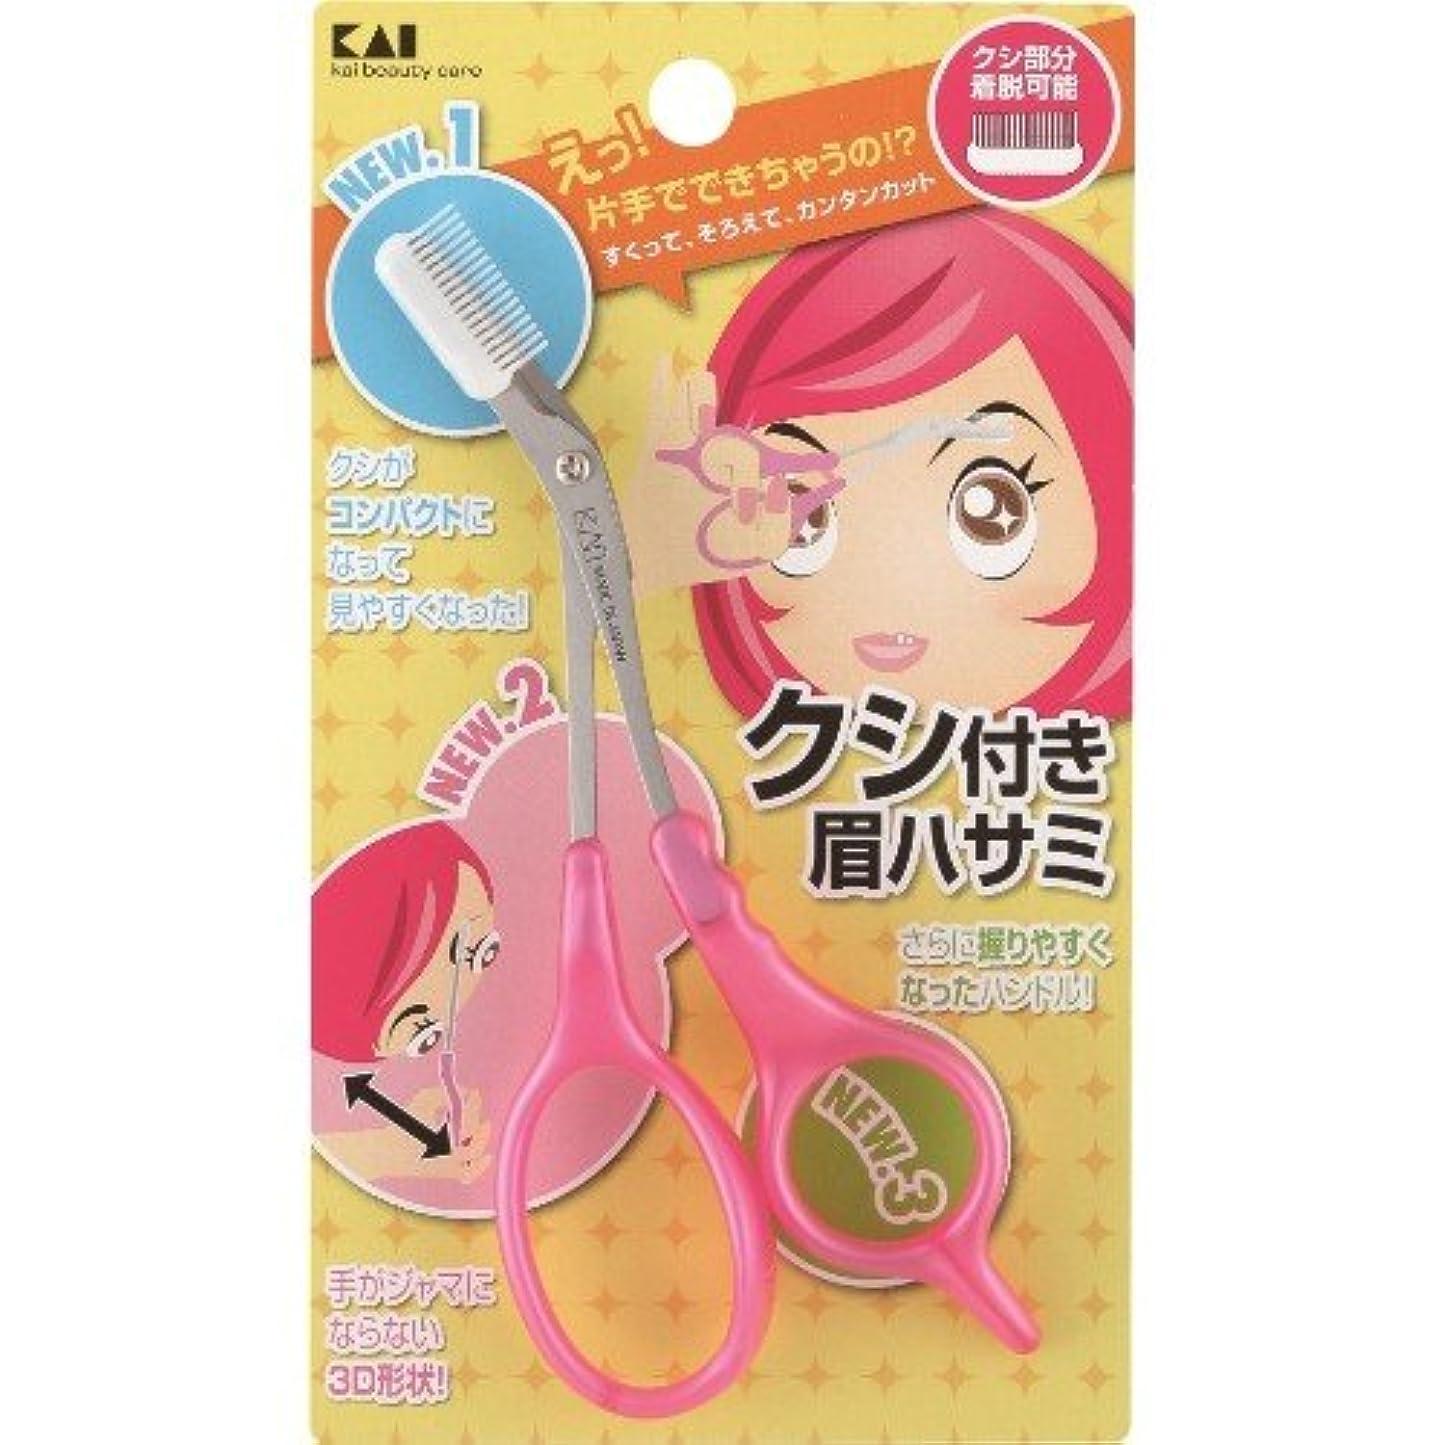 振るピックホーンクシ付きマユハサミDX ピンク